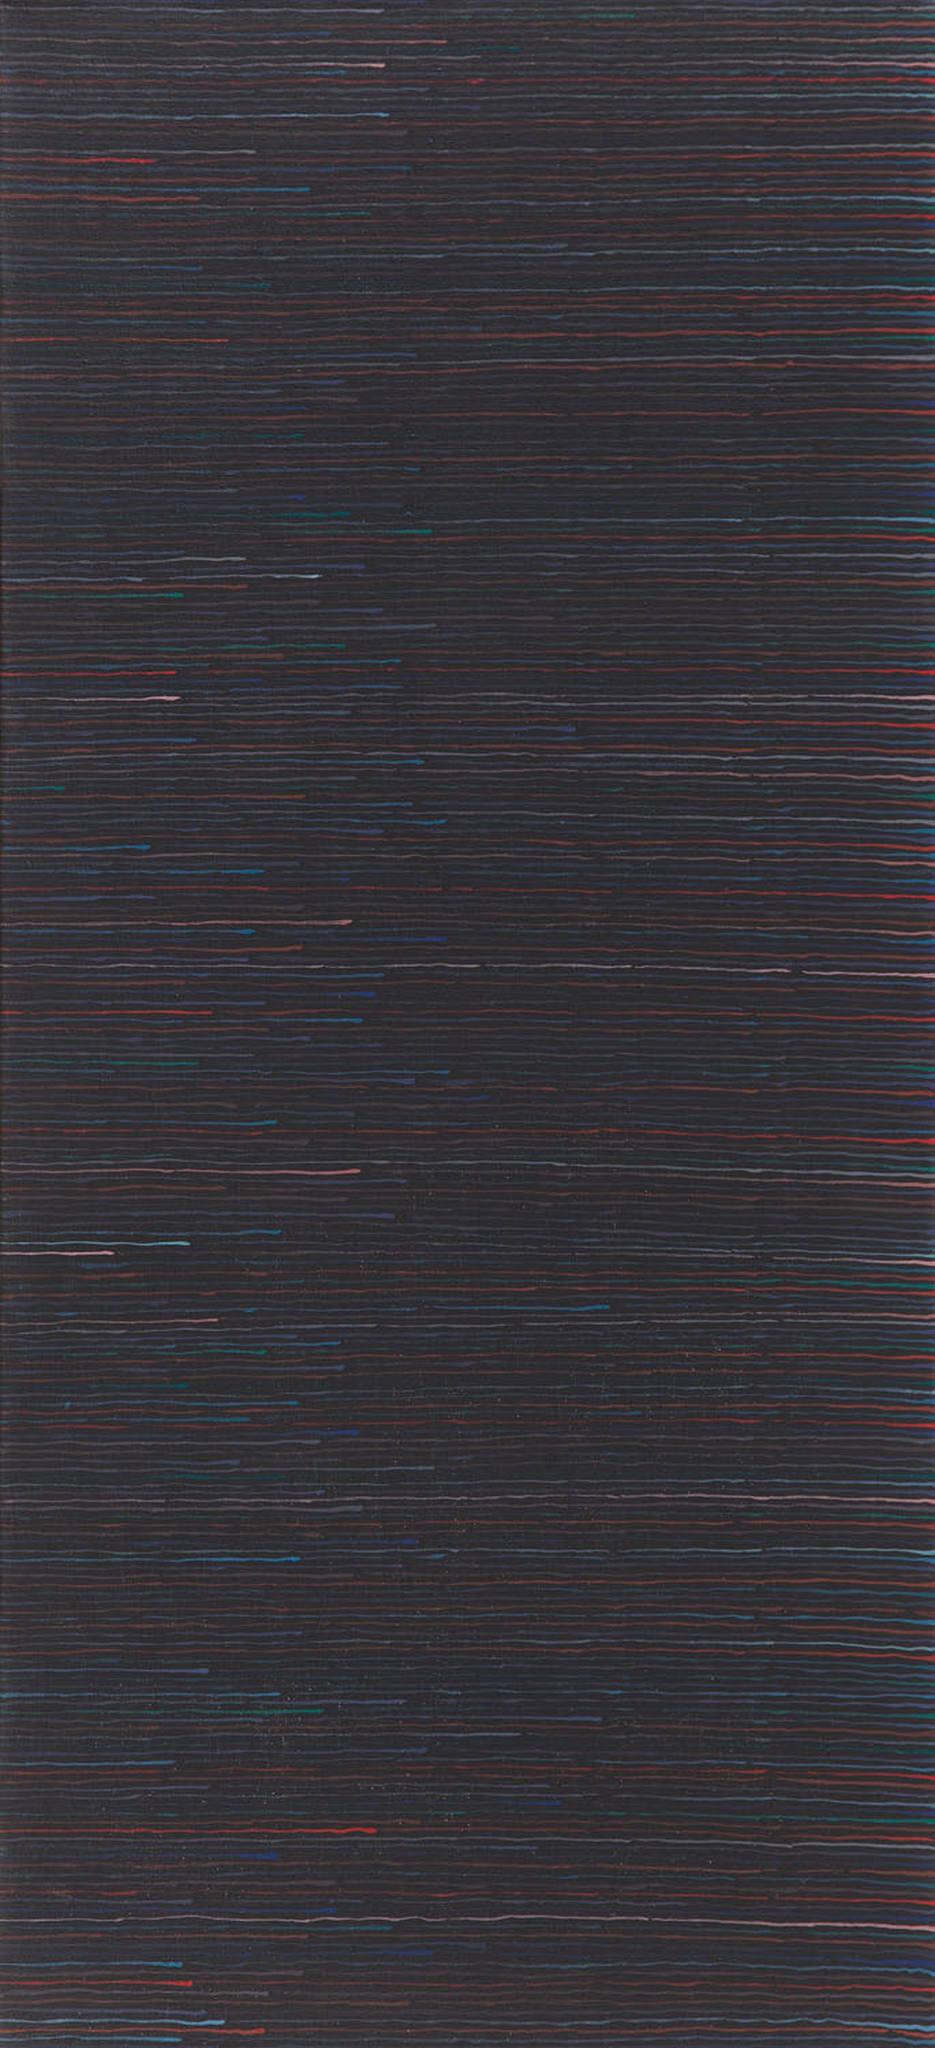 ∞III, 1999